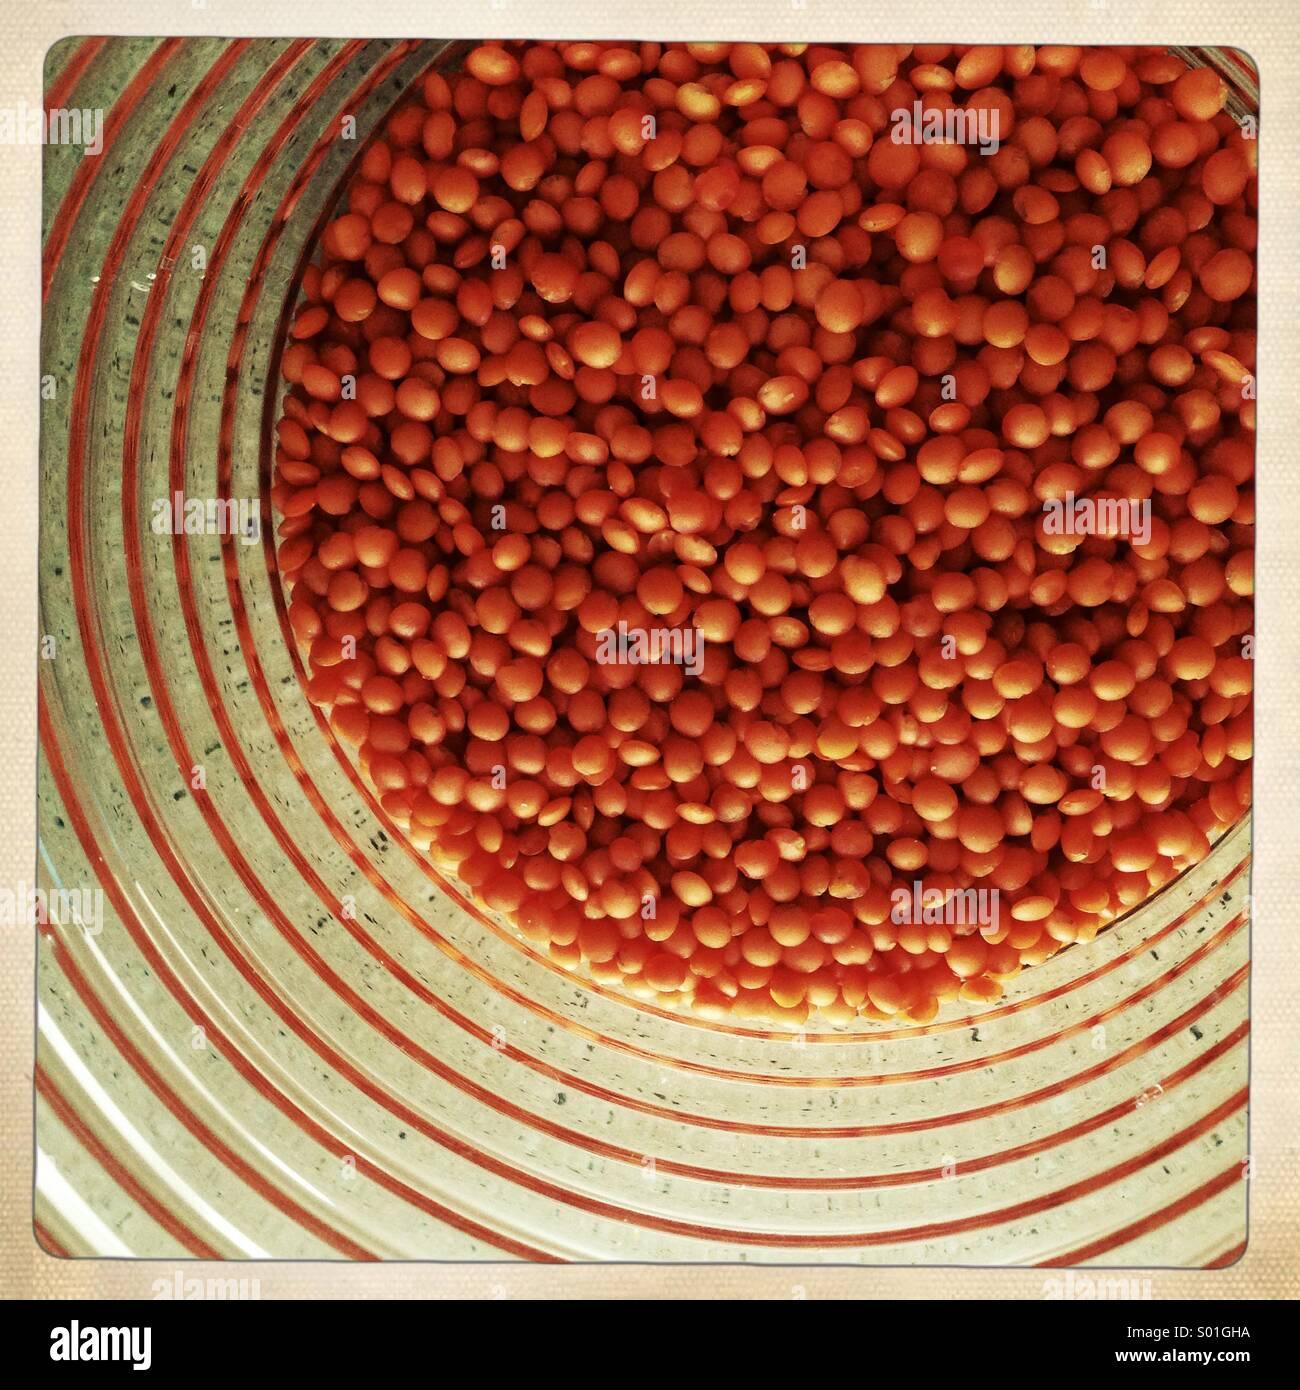 Di lenticchie rosse in un vaso Immagini Stock